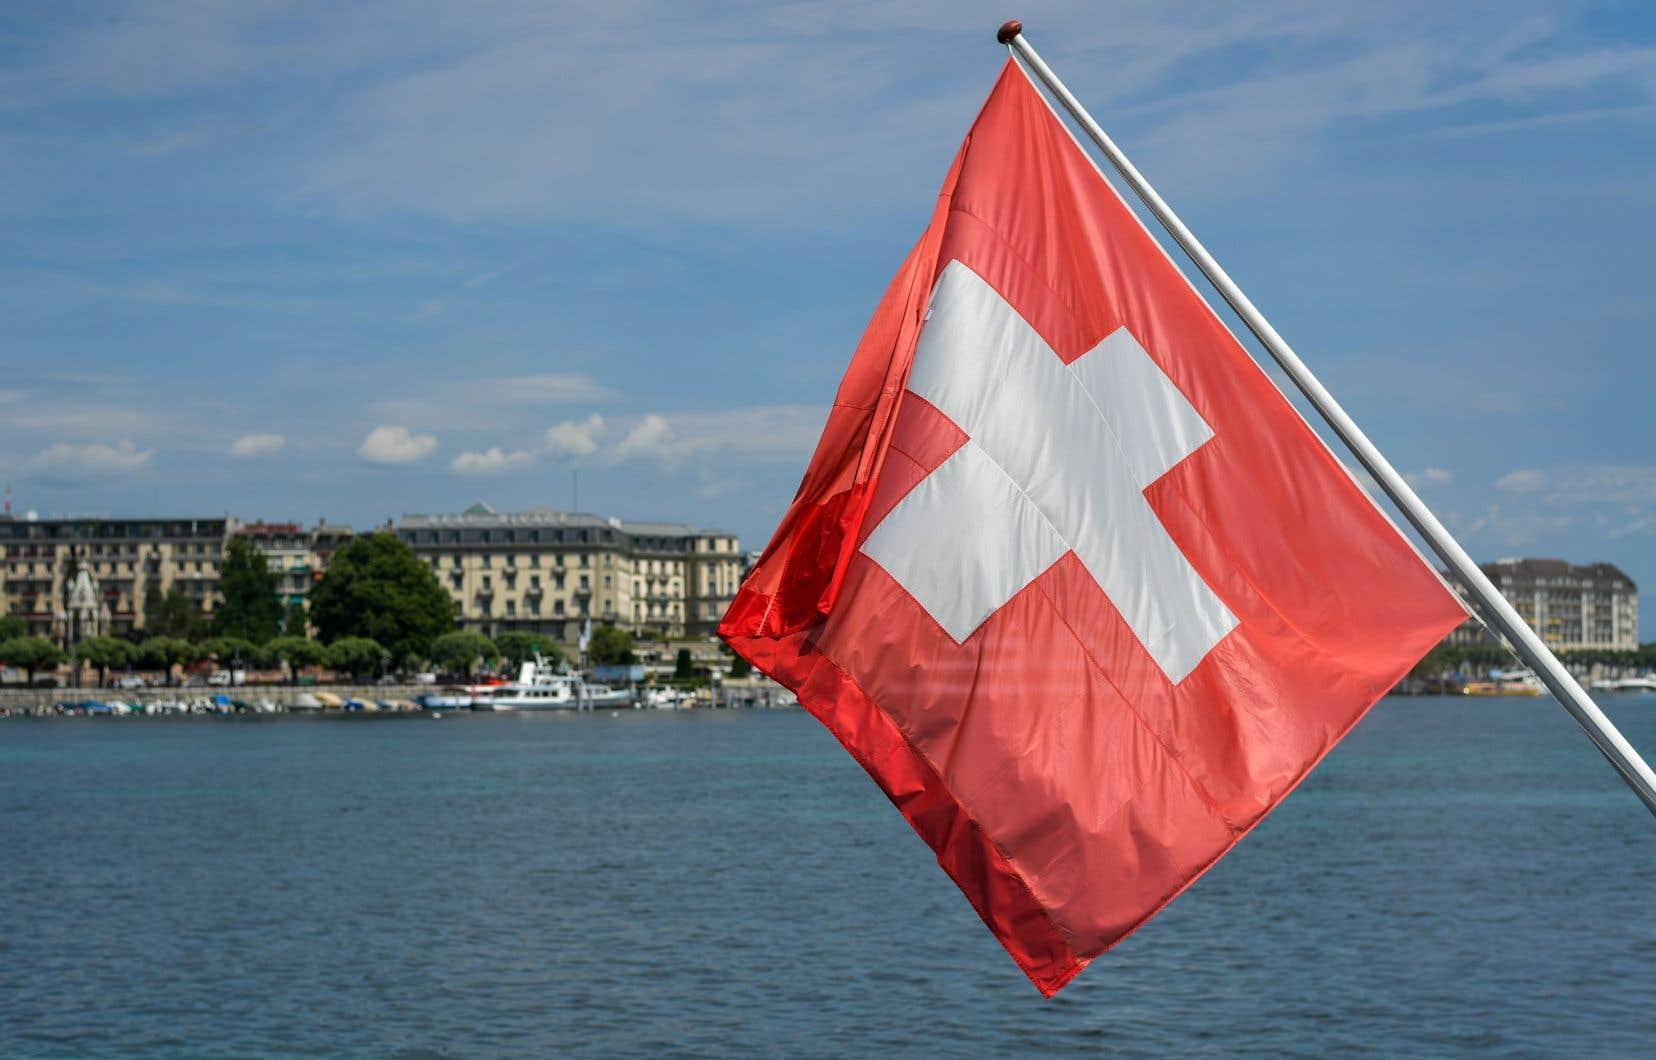 Le vote du canton de Genève figurait au nombre de plusieurs sujets locaux, régionaux et nationaux sur lesquels la Suisse votait dimanche dans le cadre de son système de démocratie directe.